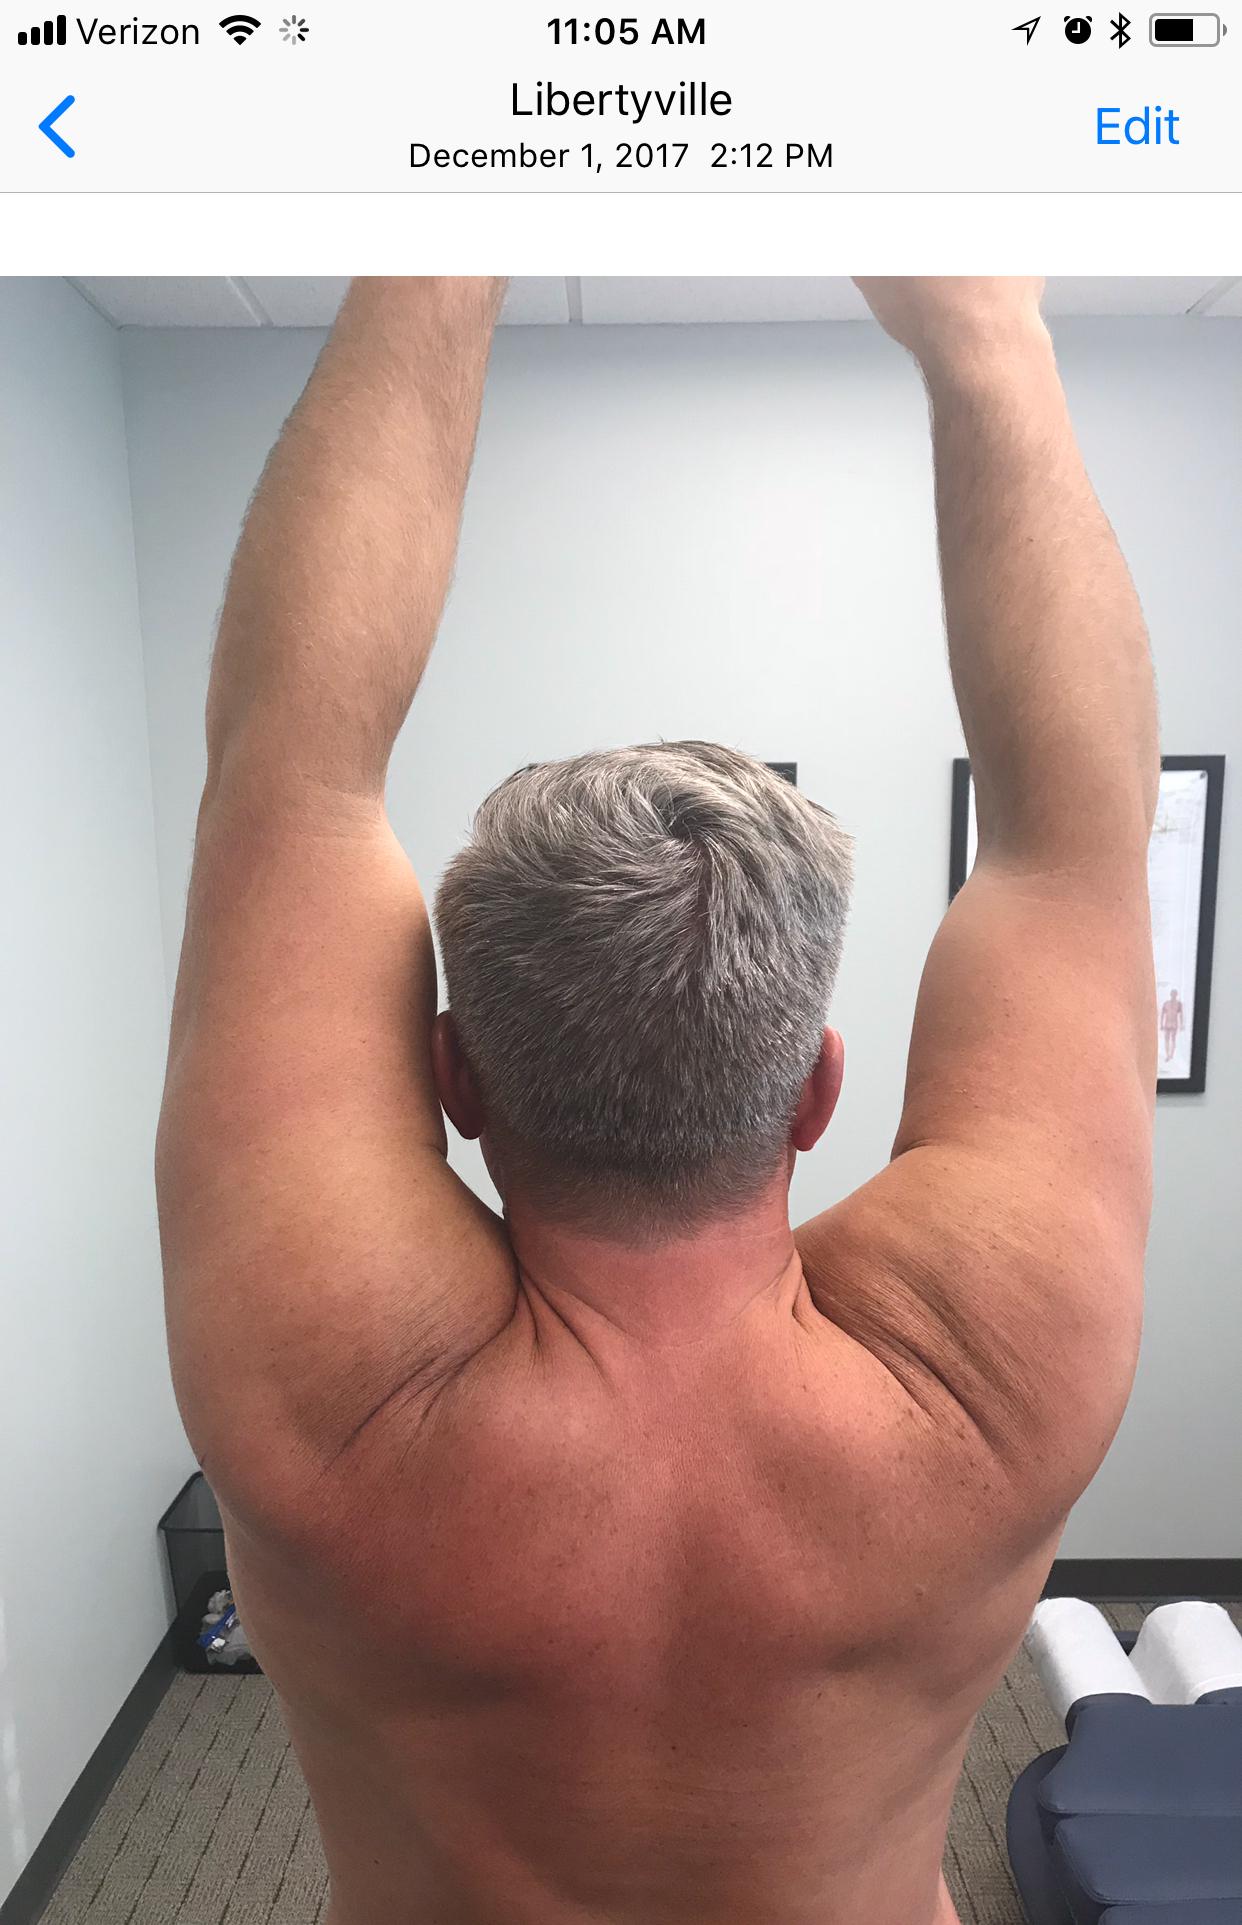 shoulder-image-2.jpg